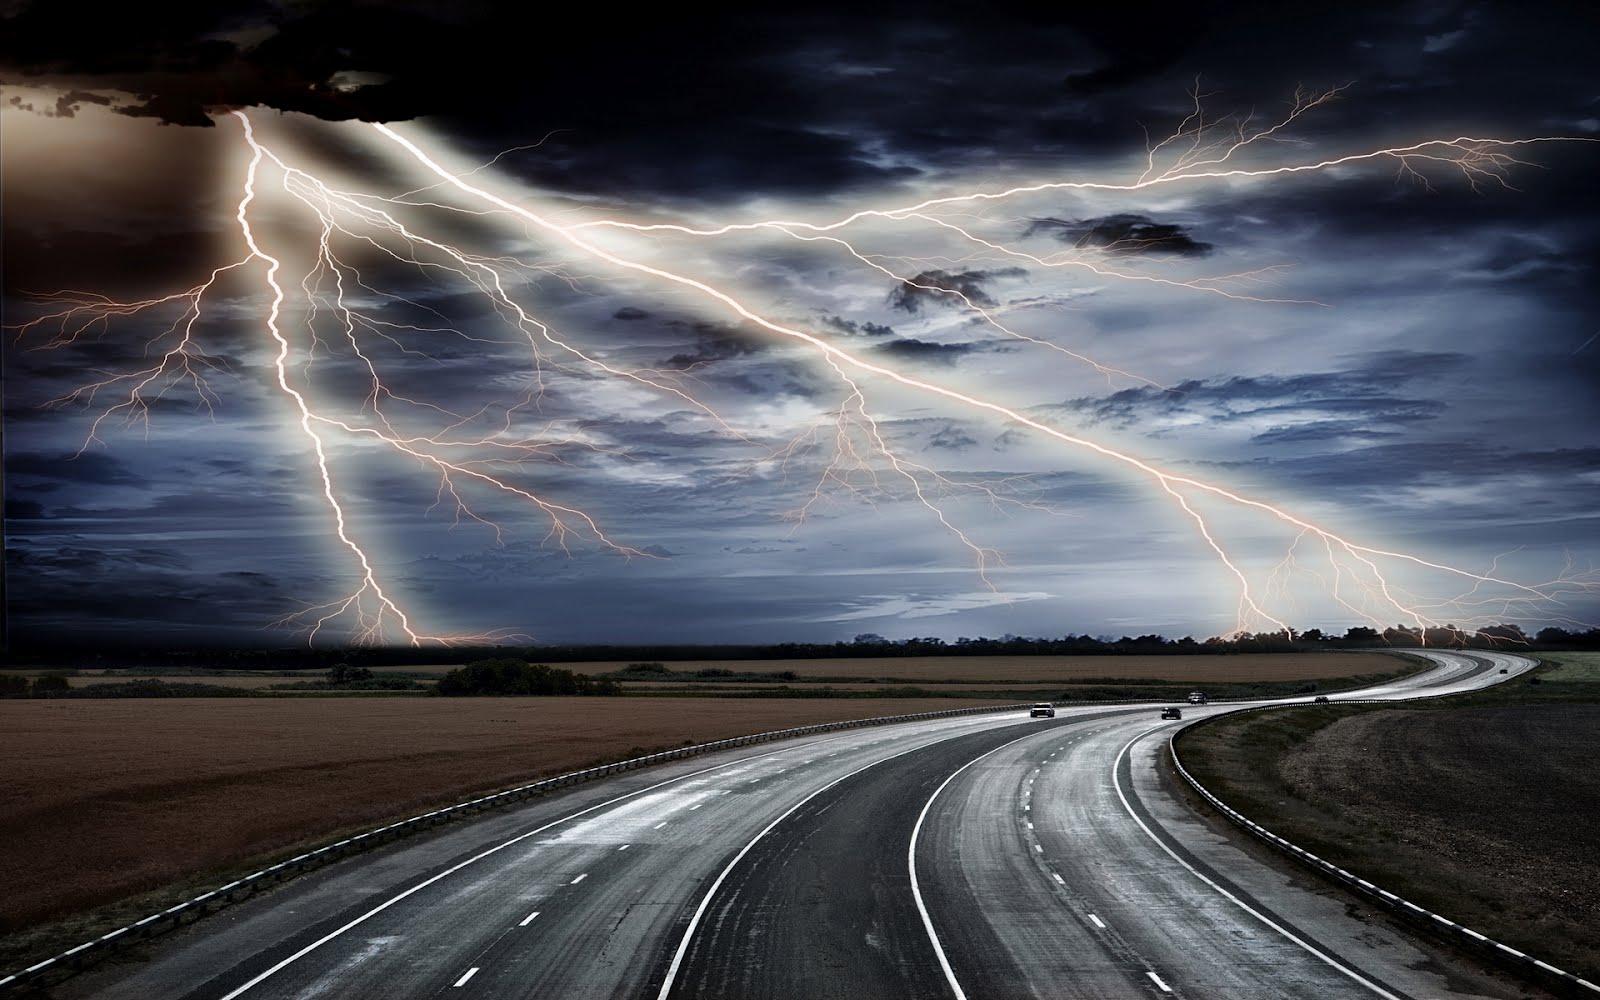 http://3.bp.blogspot.com/-ekspqRKQNmE/UEy2GhIC_gI/AAAAAAAAAUc/QUF2xLH51yA/s1600/lightning-bolt-hd-wallpaper.jpg